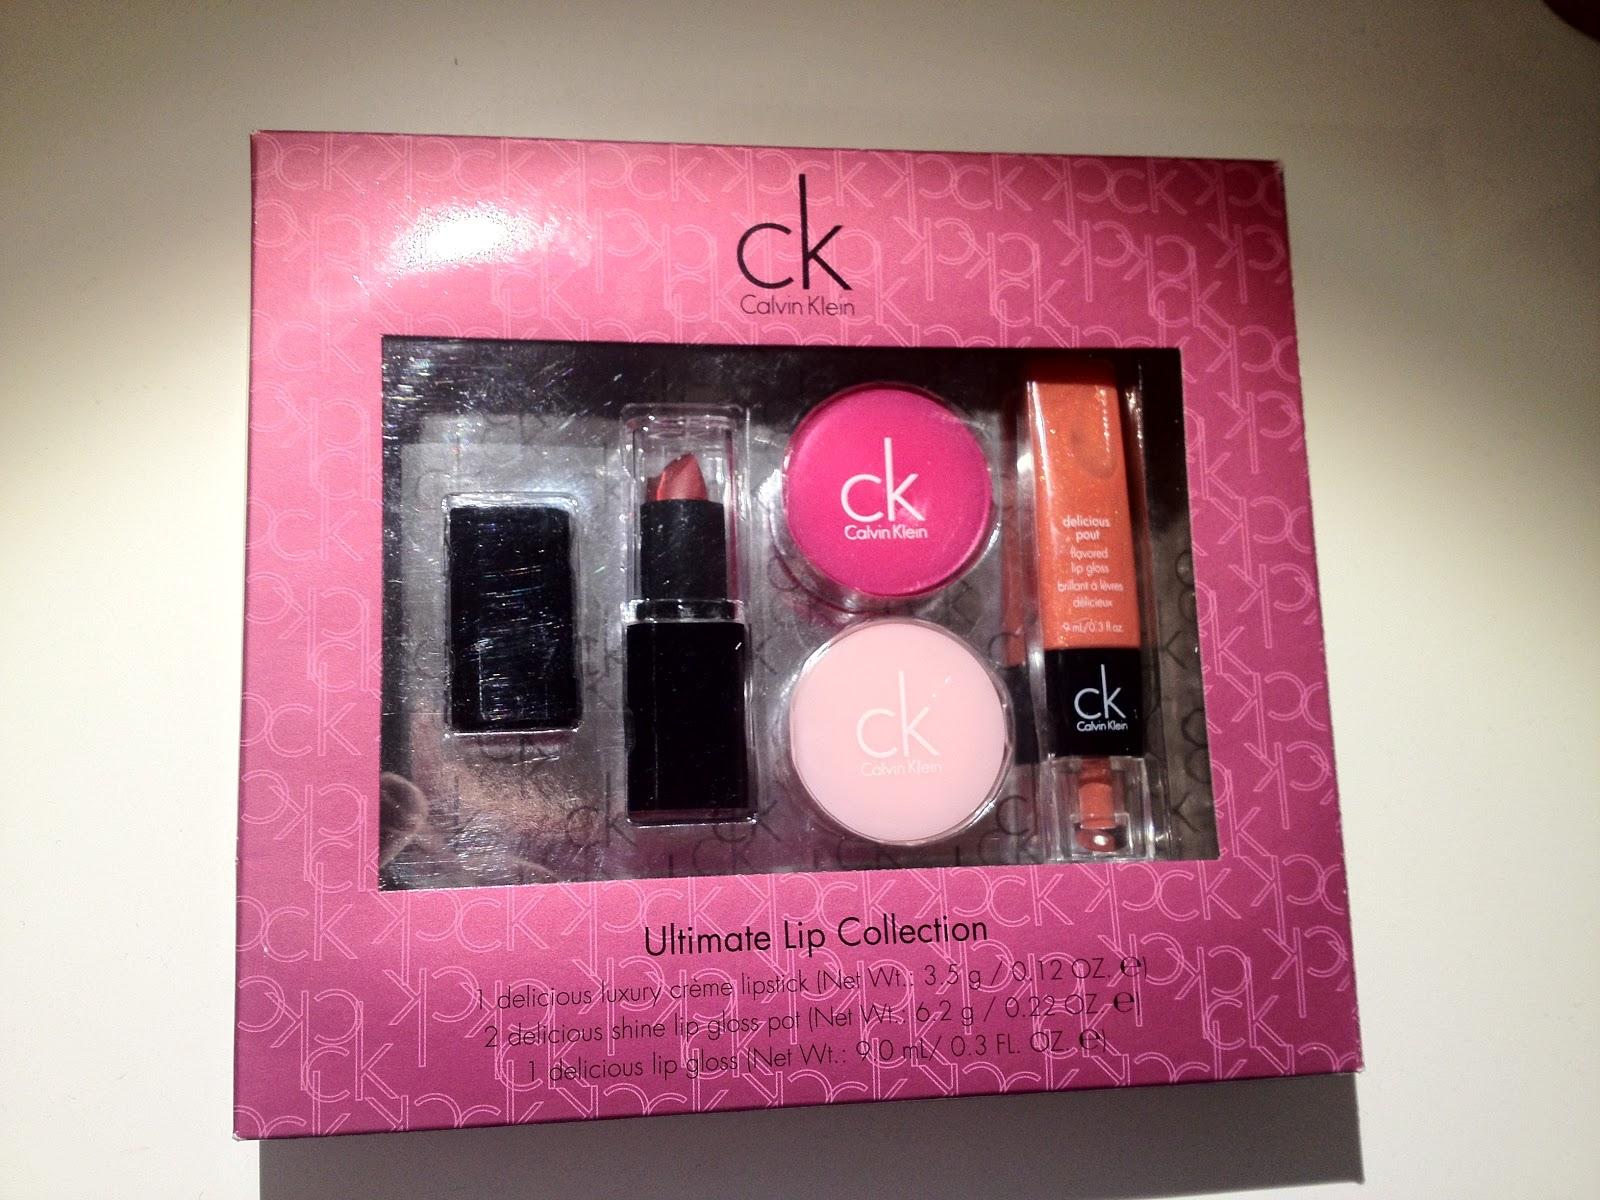 CK Calvin Klein Cosmetics